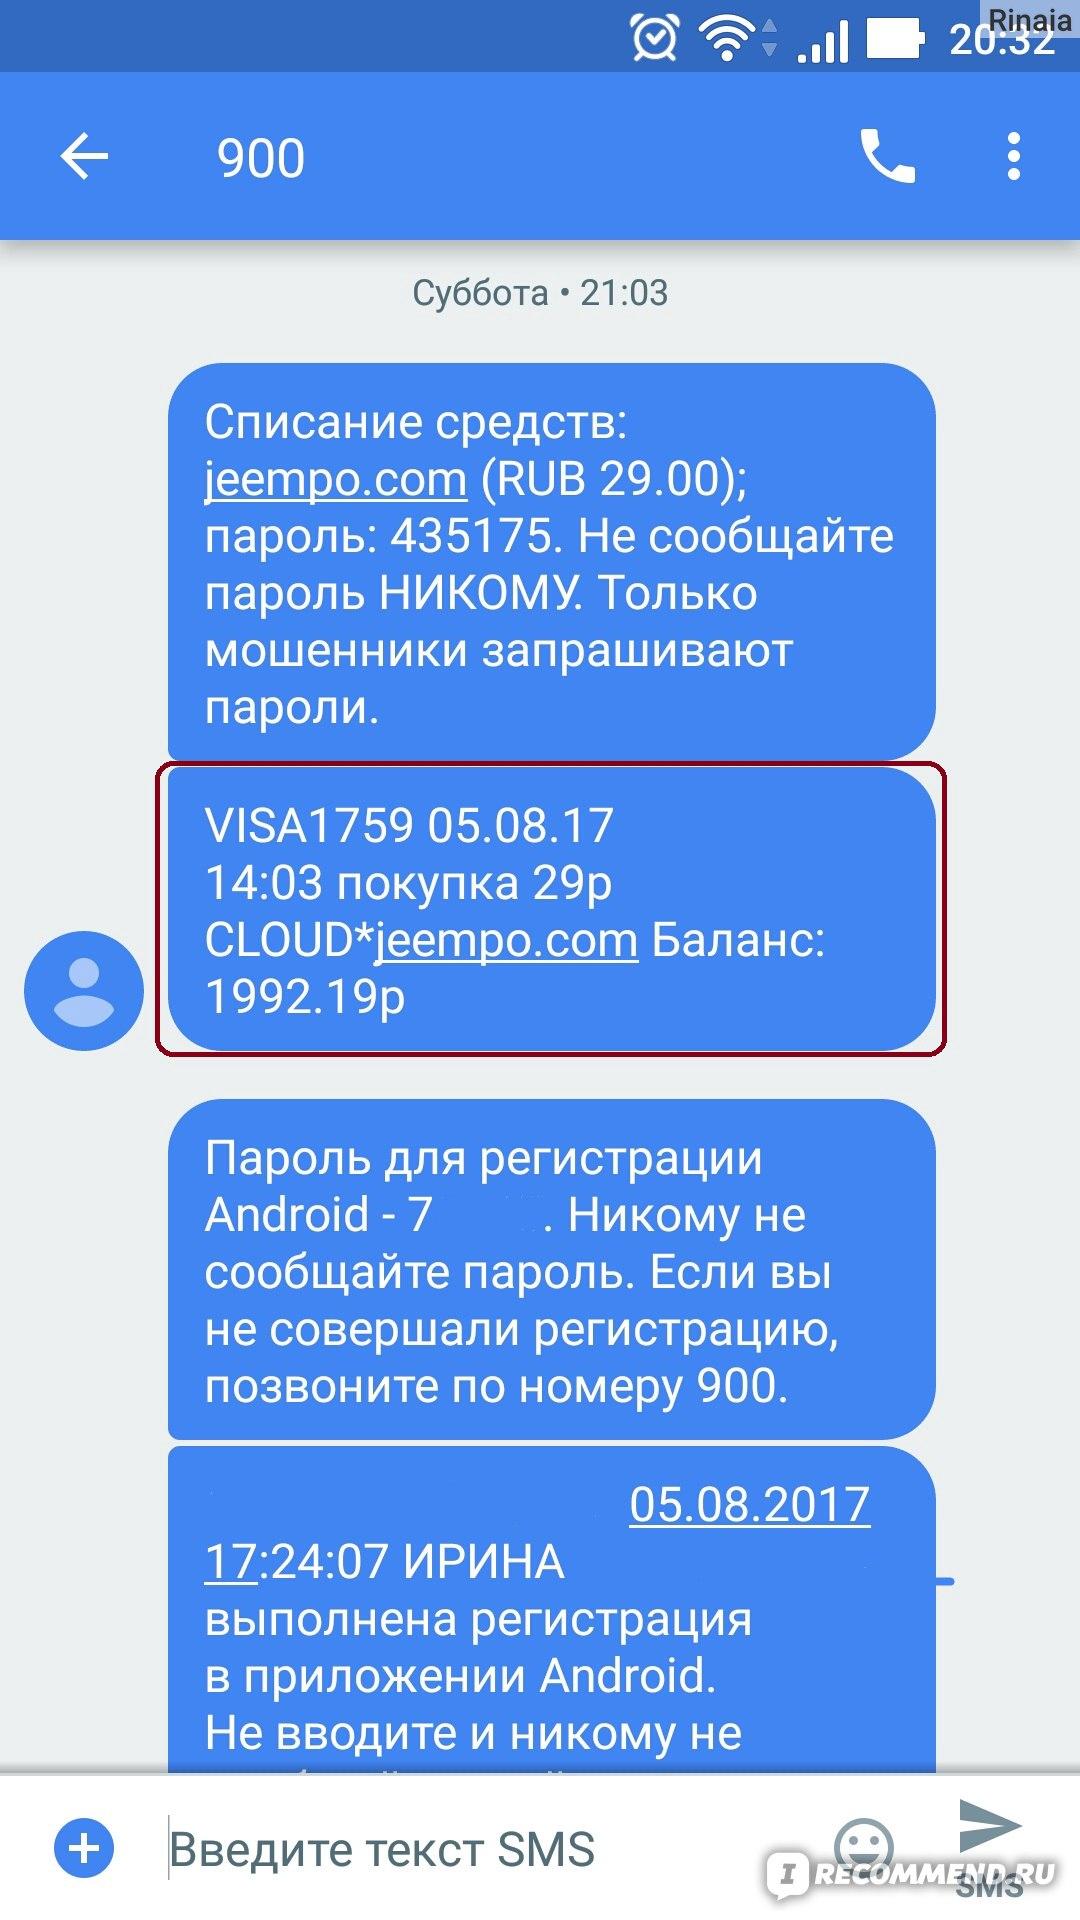 beboo ru знакомства сайт отзывов